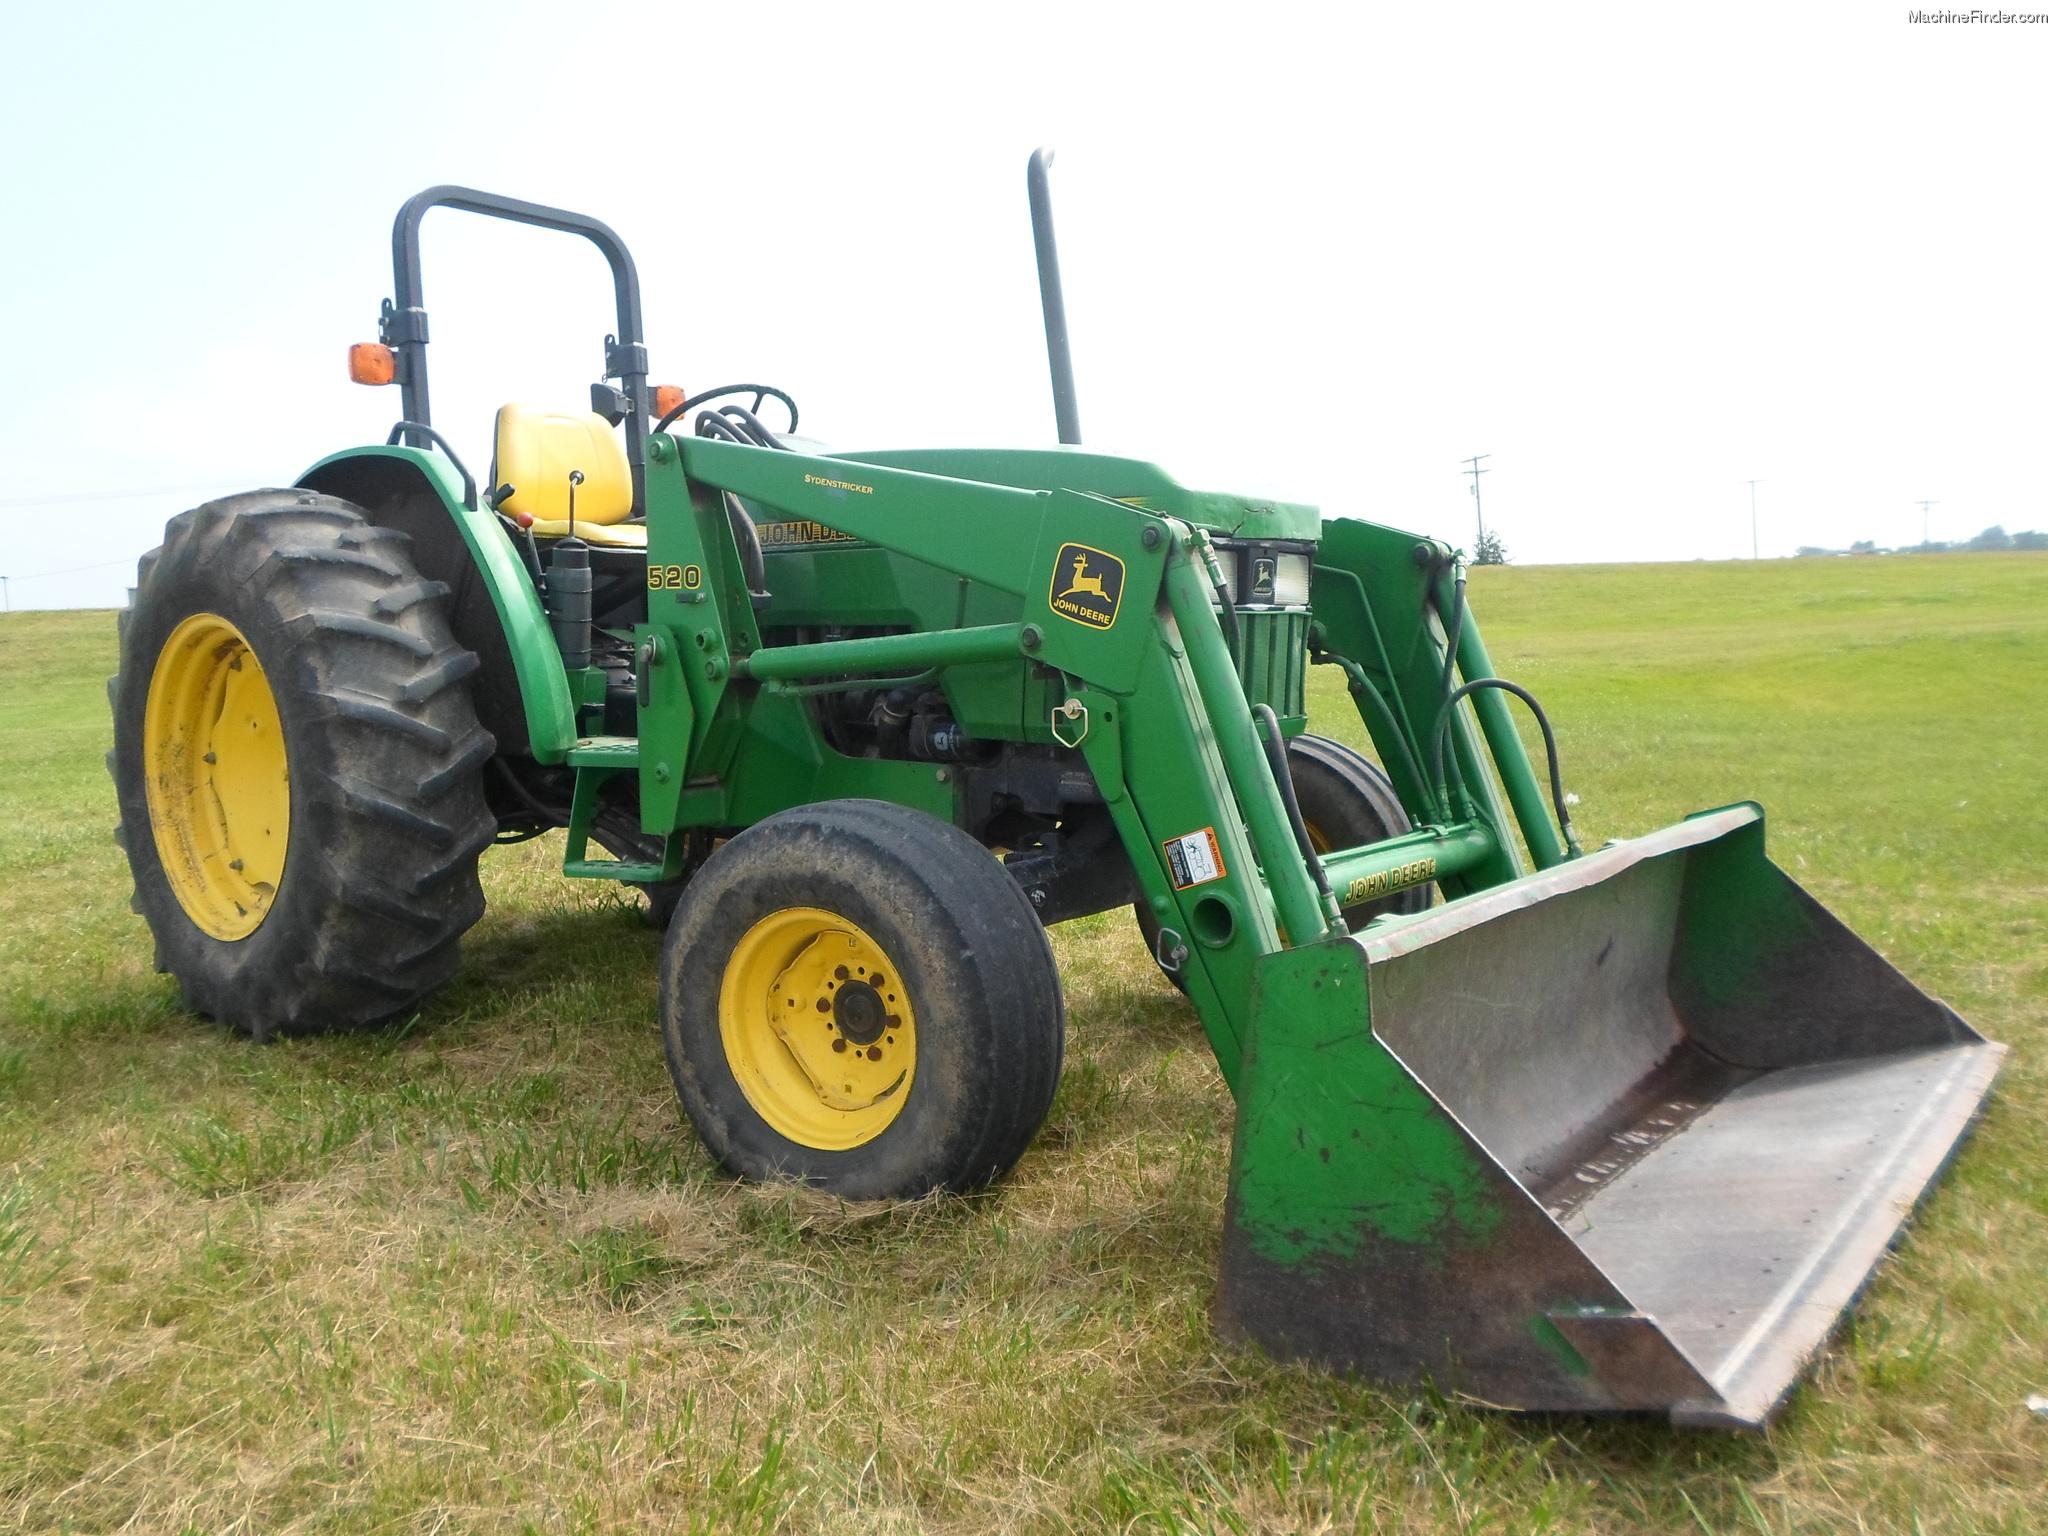 John Deere 5400 Tractor Parts | John Deere Parts: John Deere